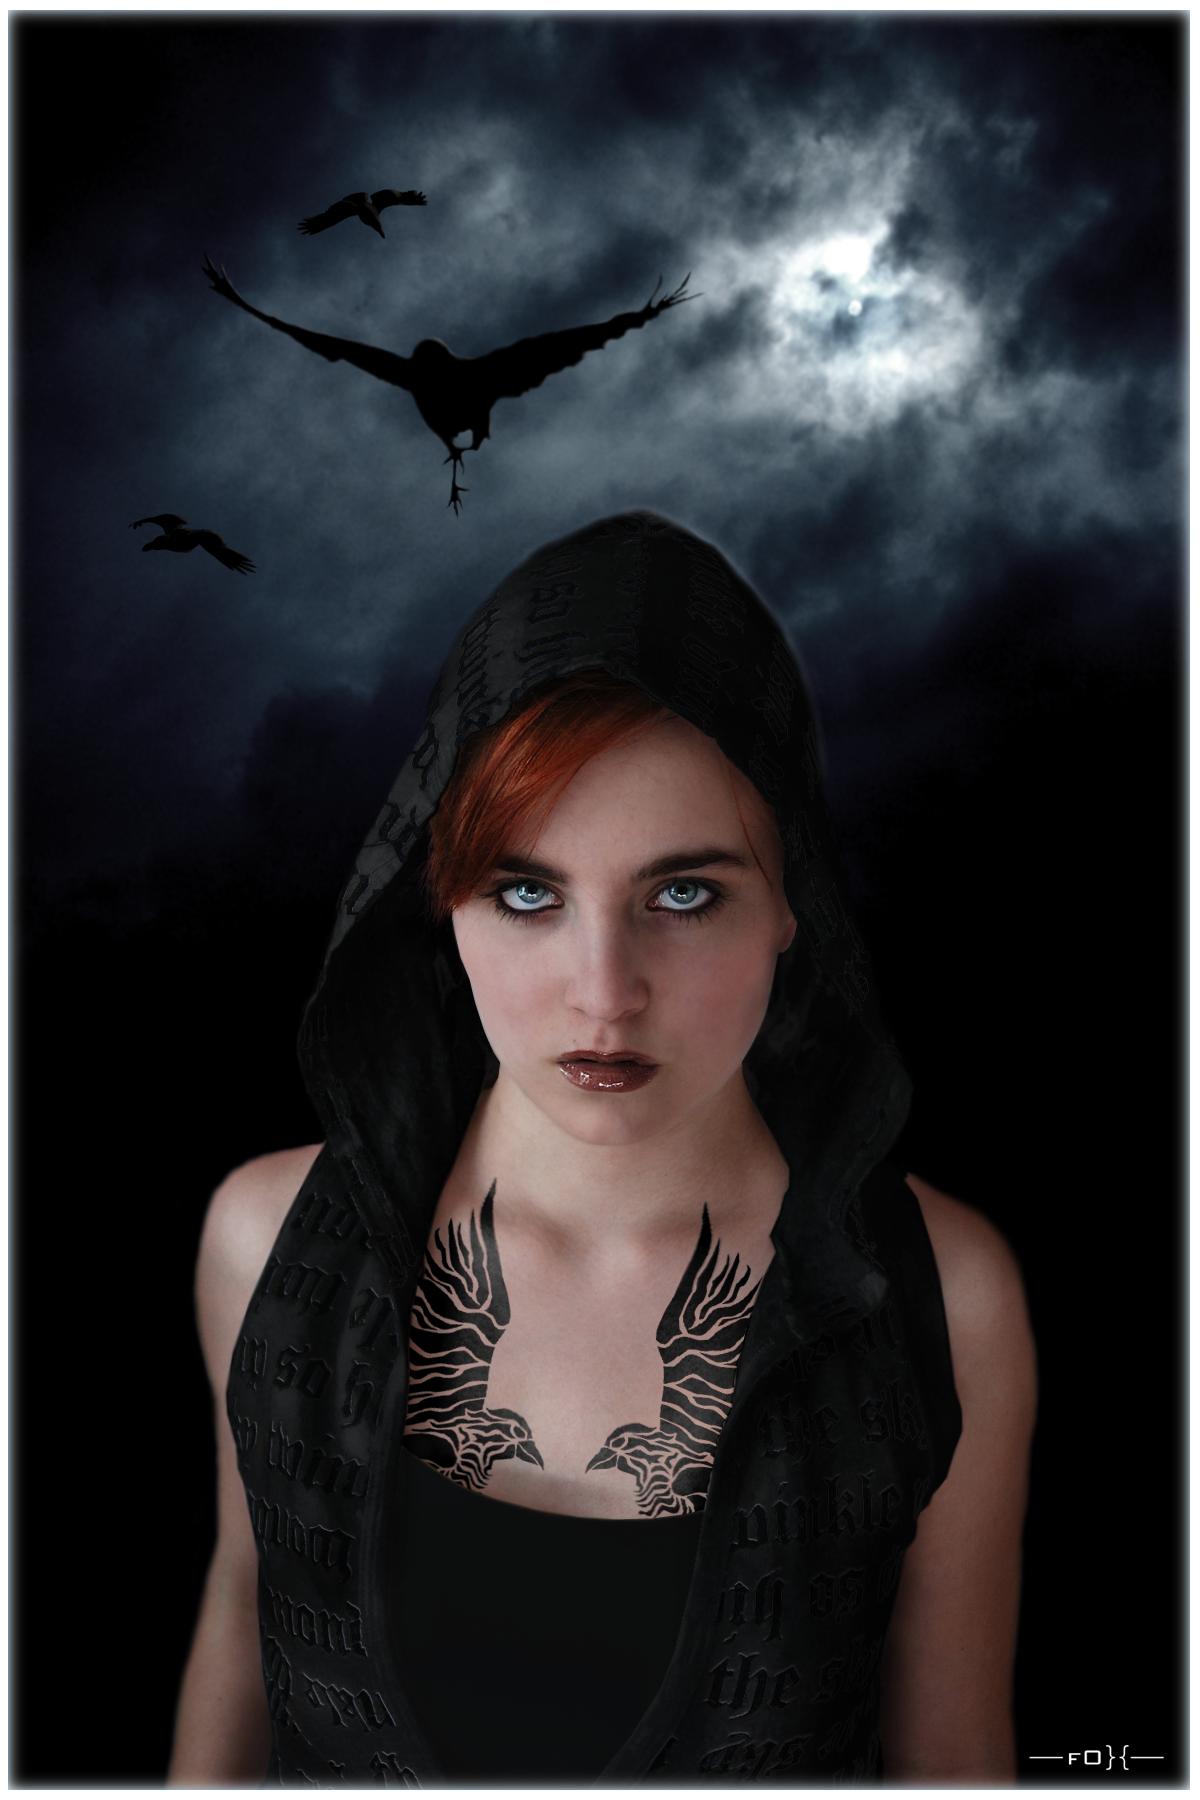 Ravenous by fOXbain